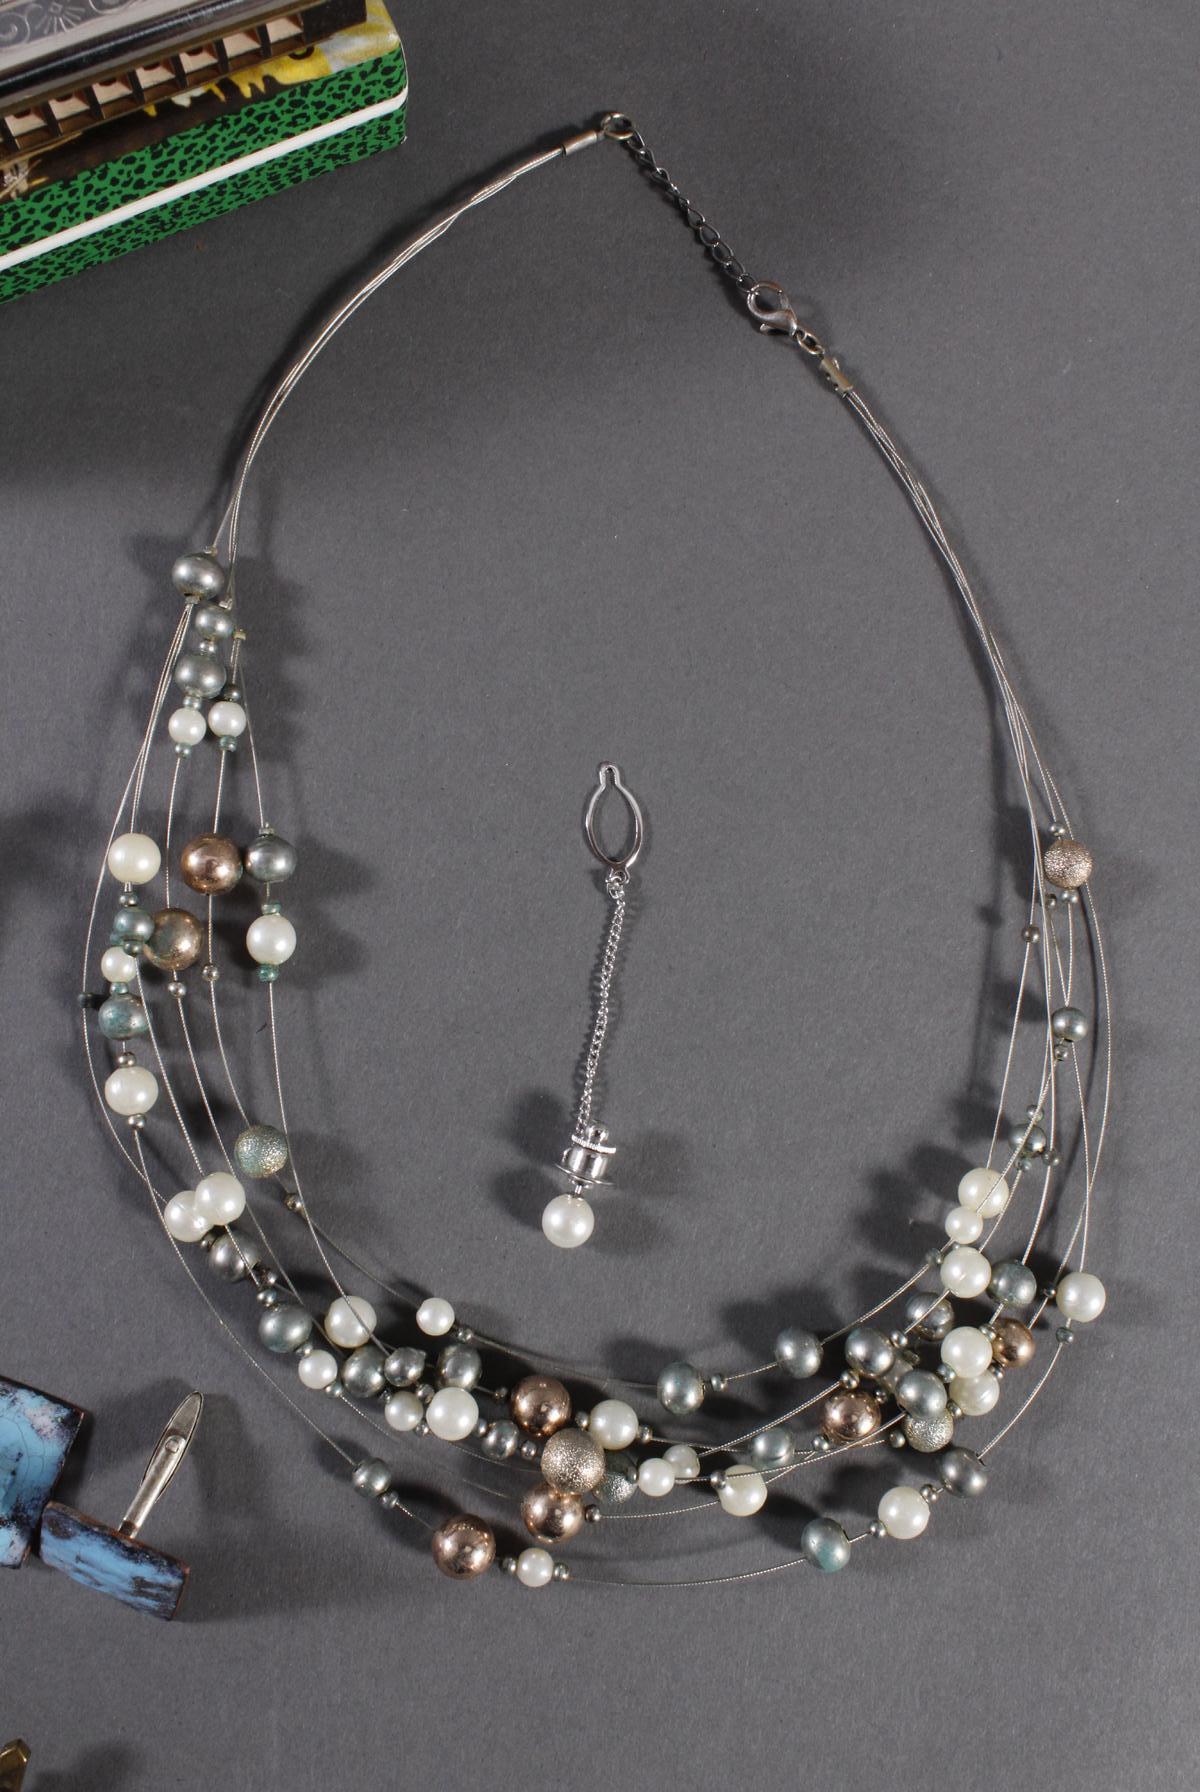 Schmuckschatulle mit Reichsbanknoten, Perlenkette, silberne Serviettenringe und Modeschmuck-5